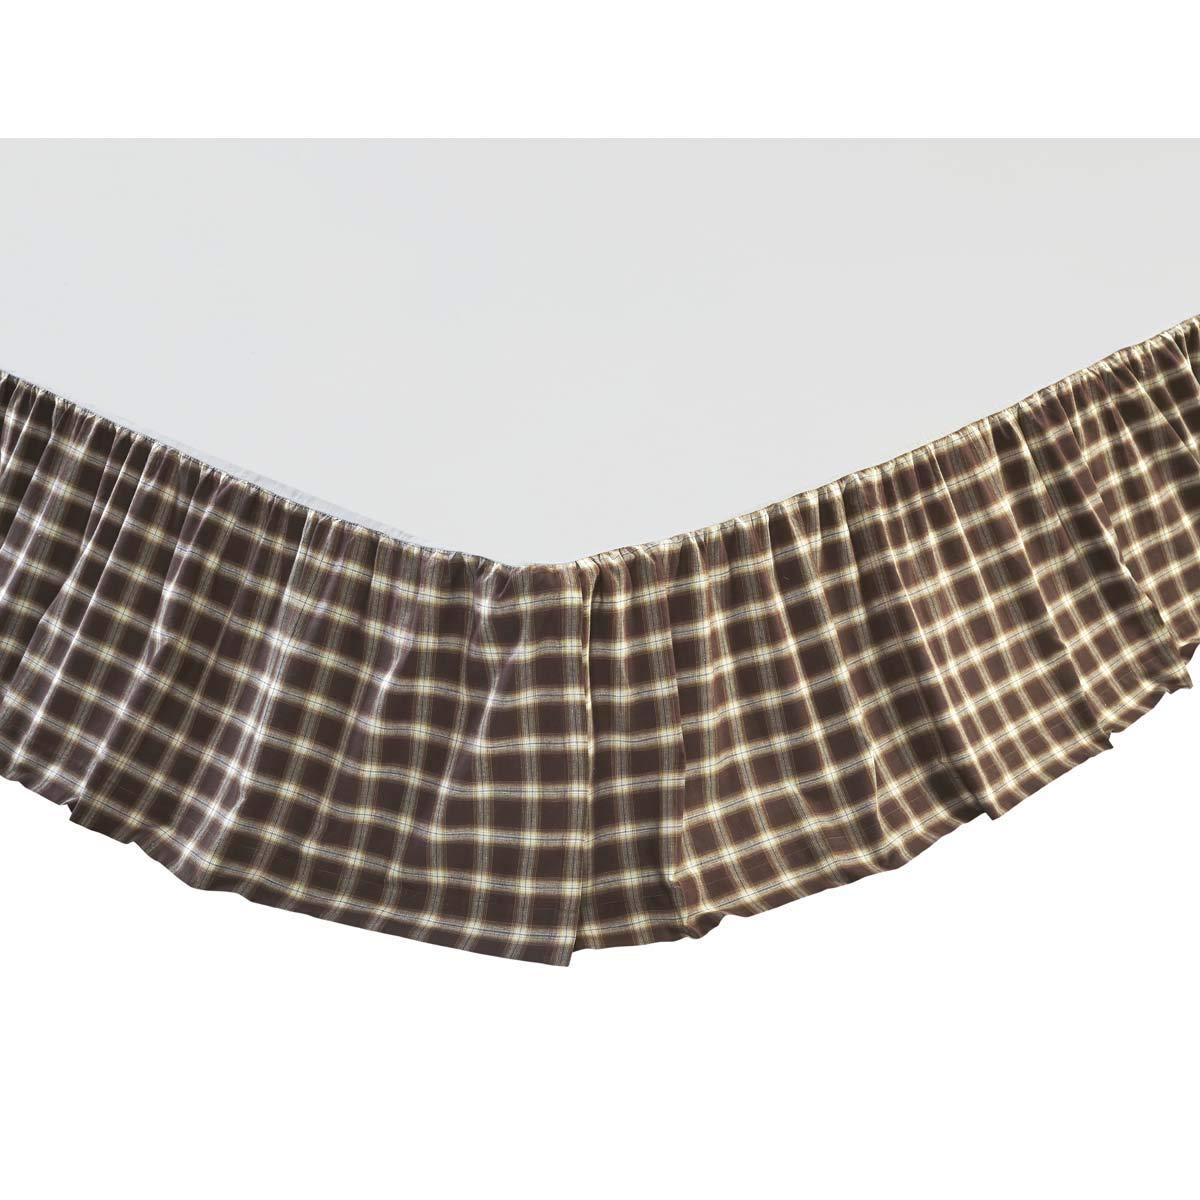 VHCブランドRoryベッドスカート、キング B073RV6RR5